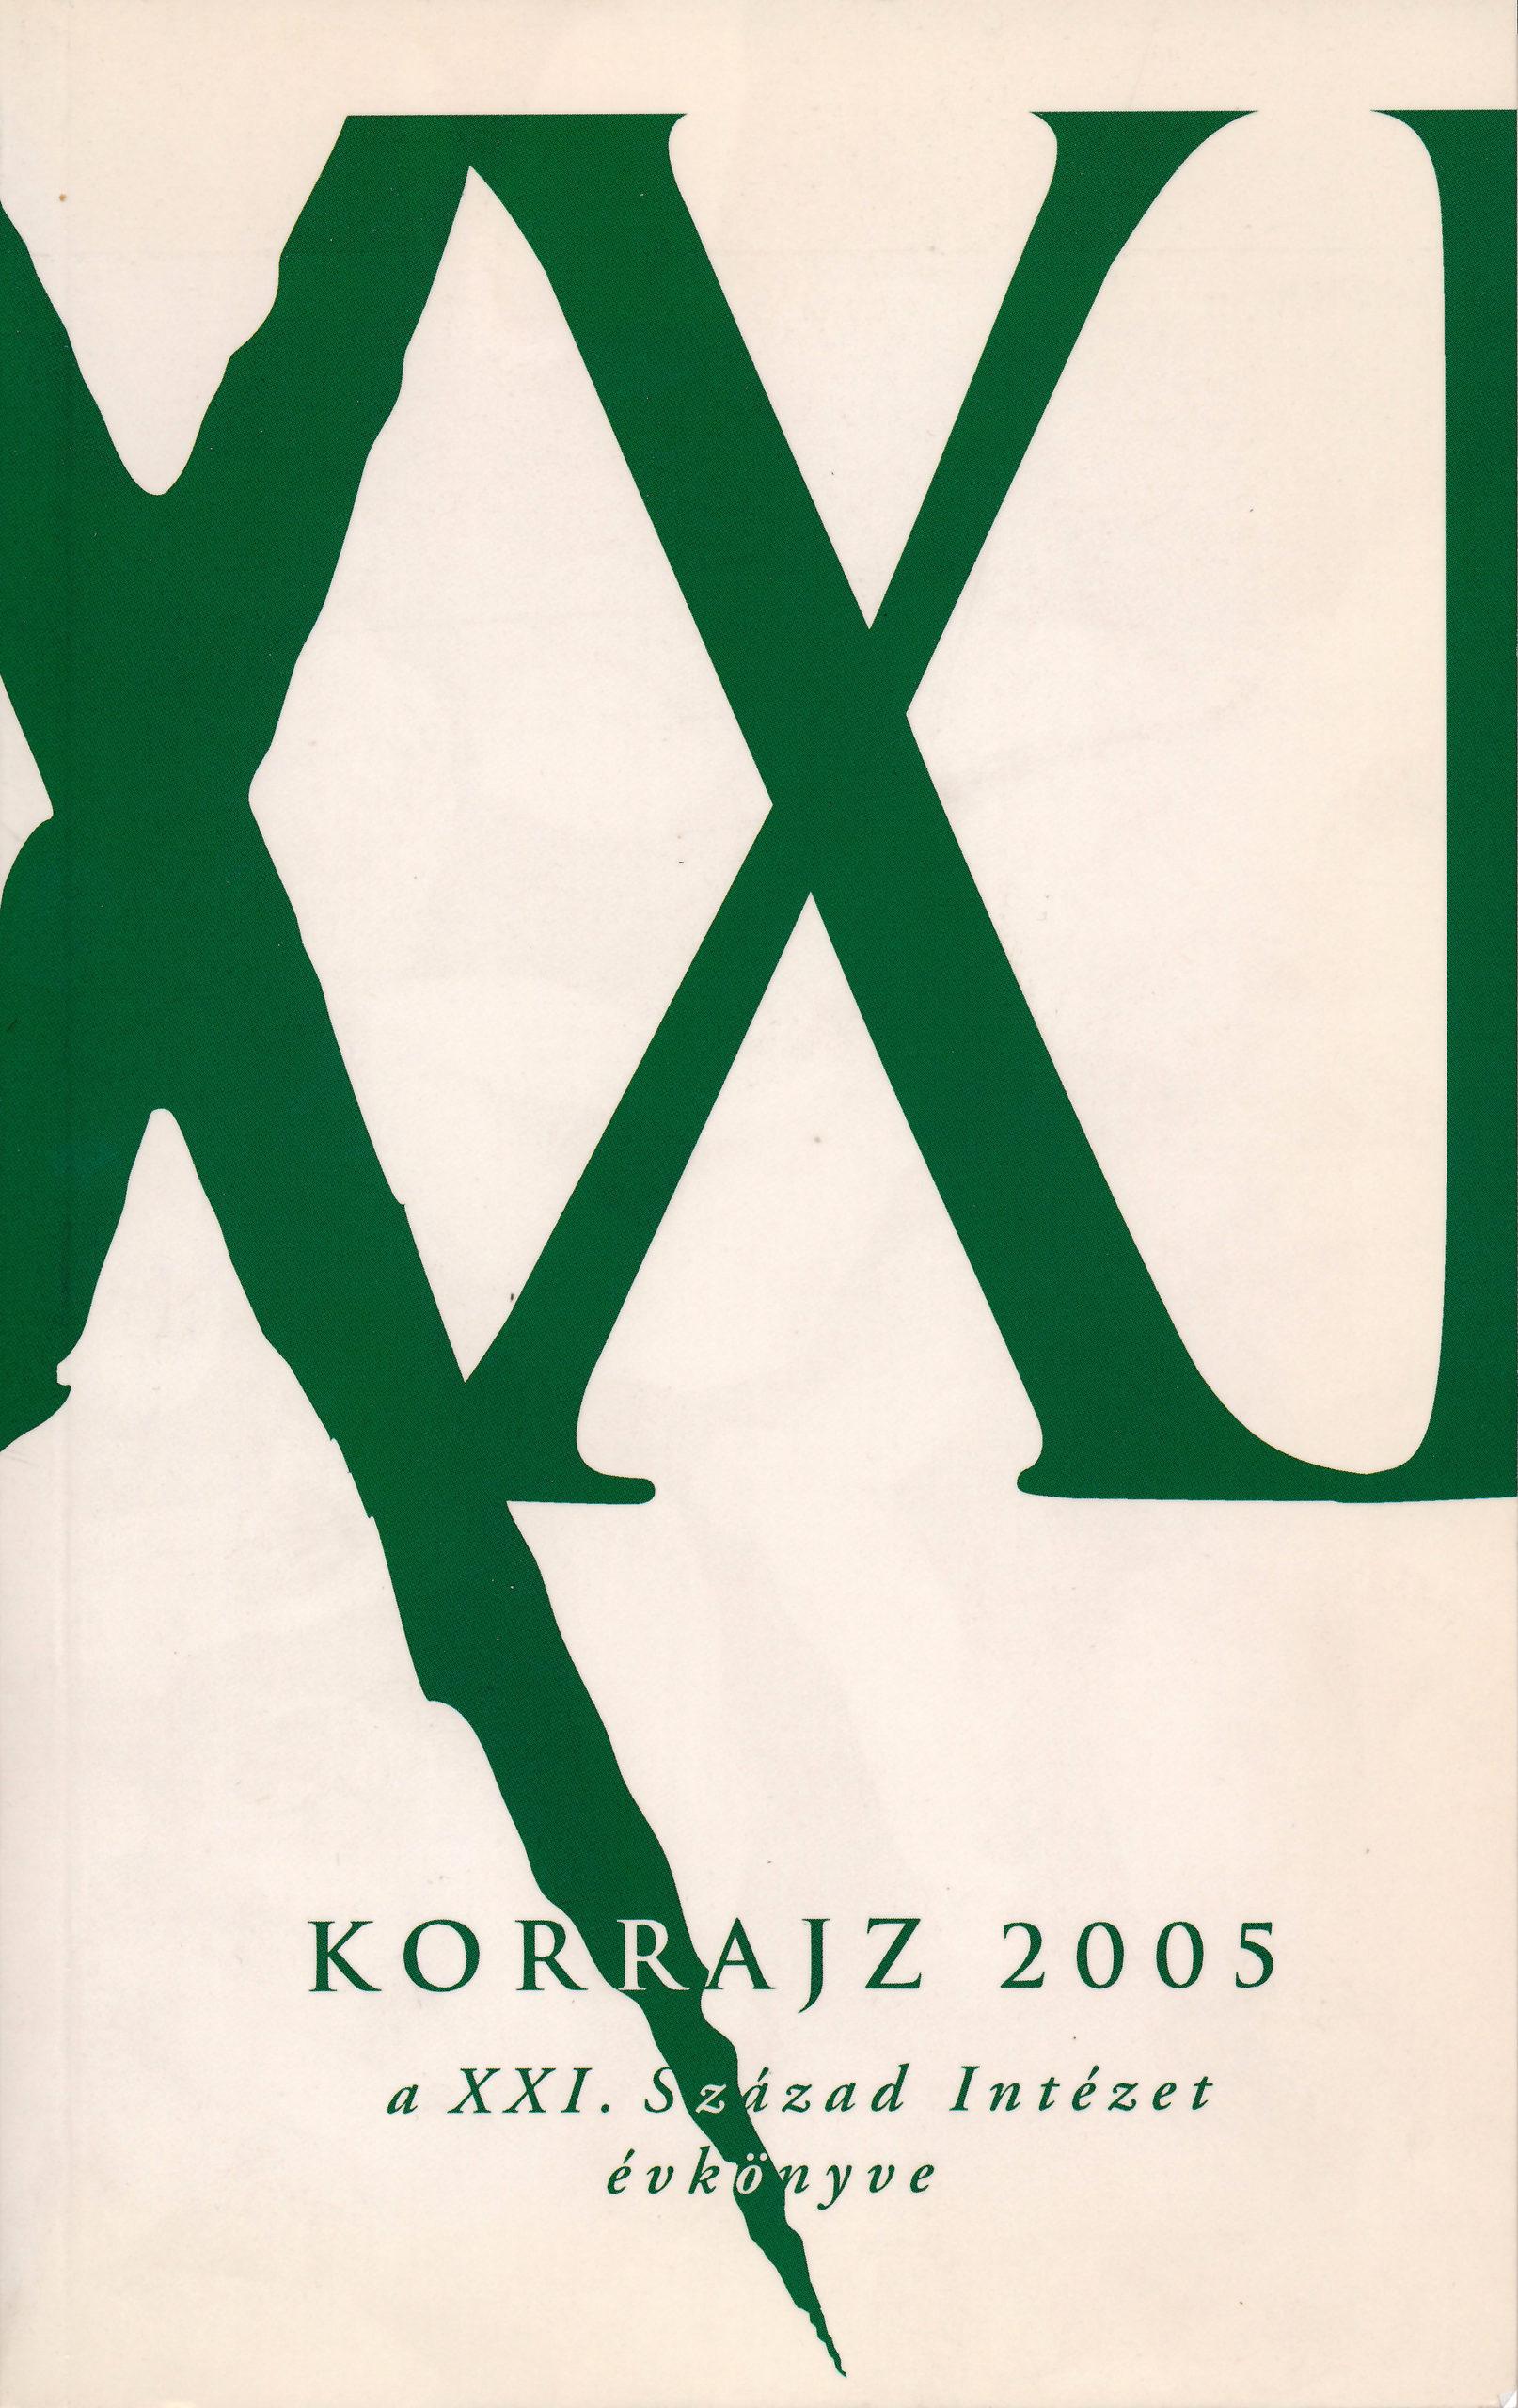 Korrajz 2005 – A XXI. Század Intézetének évkönyve